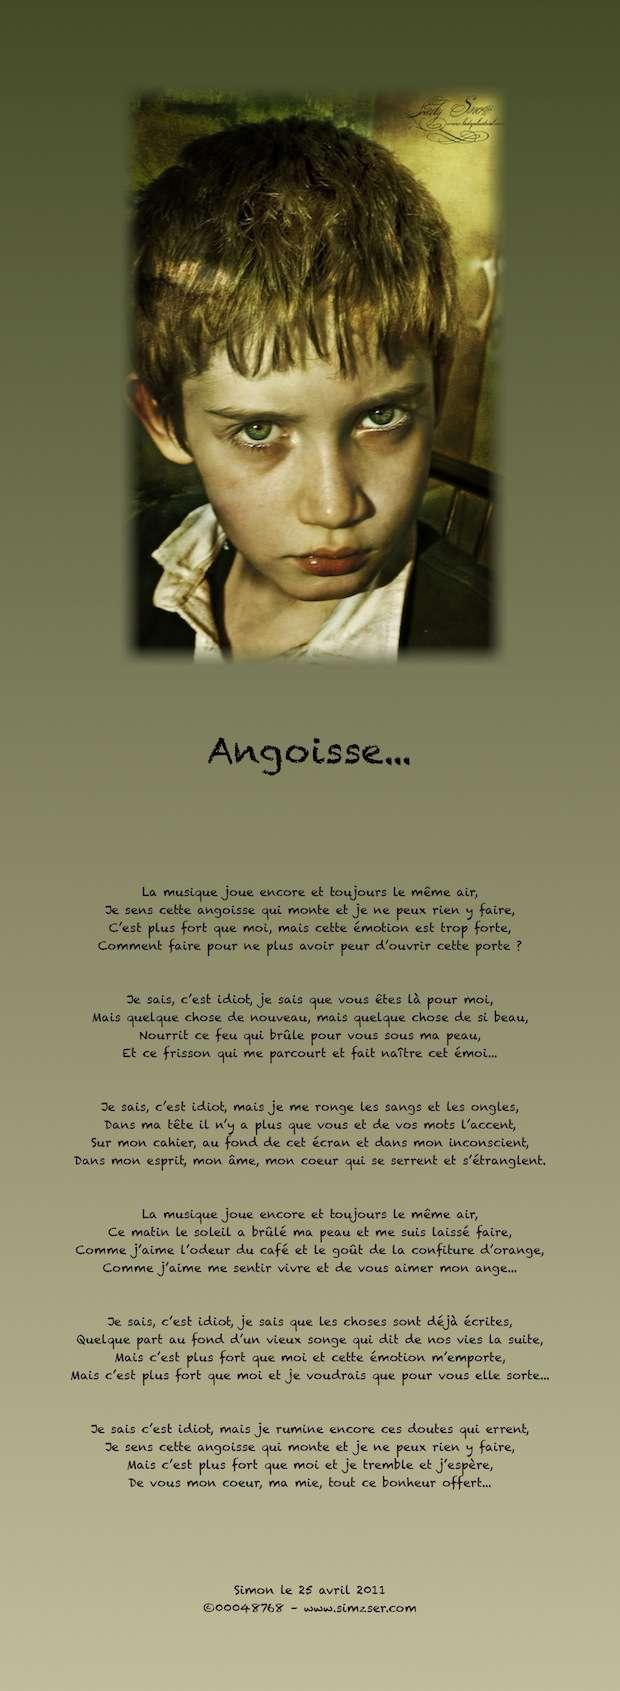 http://img691.imageshack.us/img691/3860/angoisse.jpg